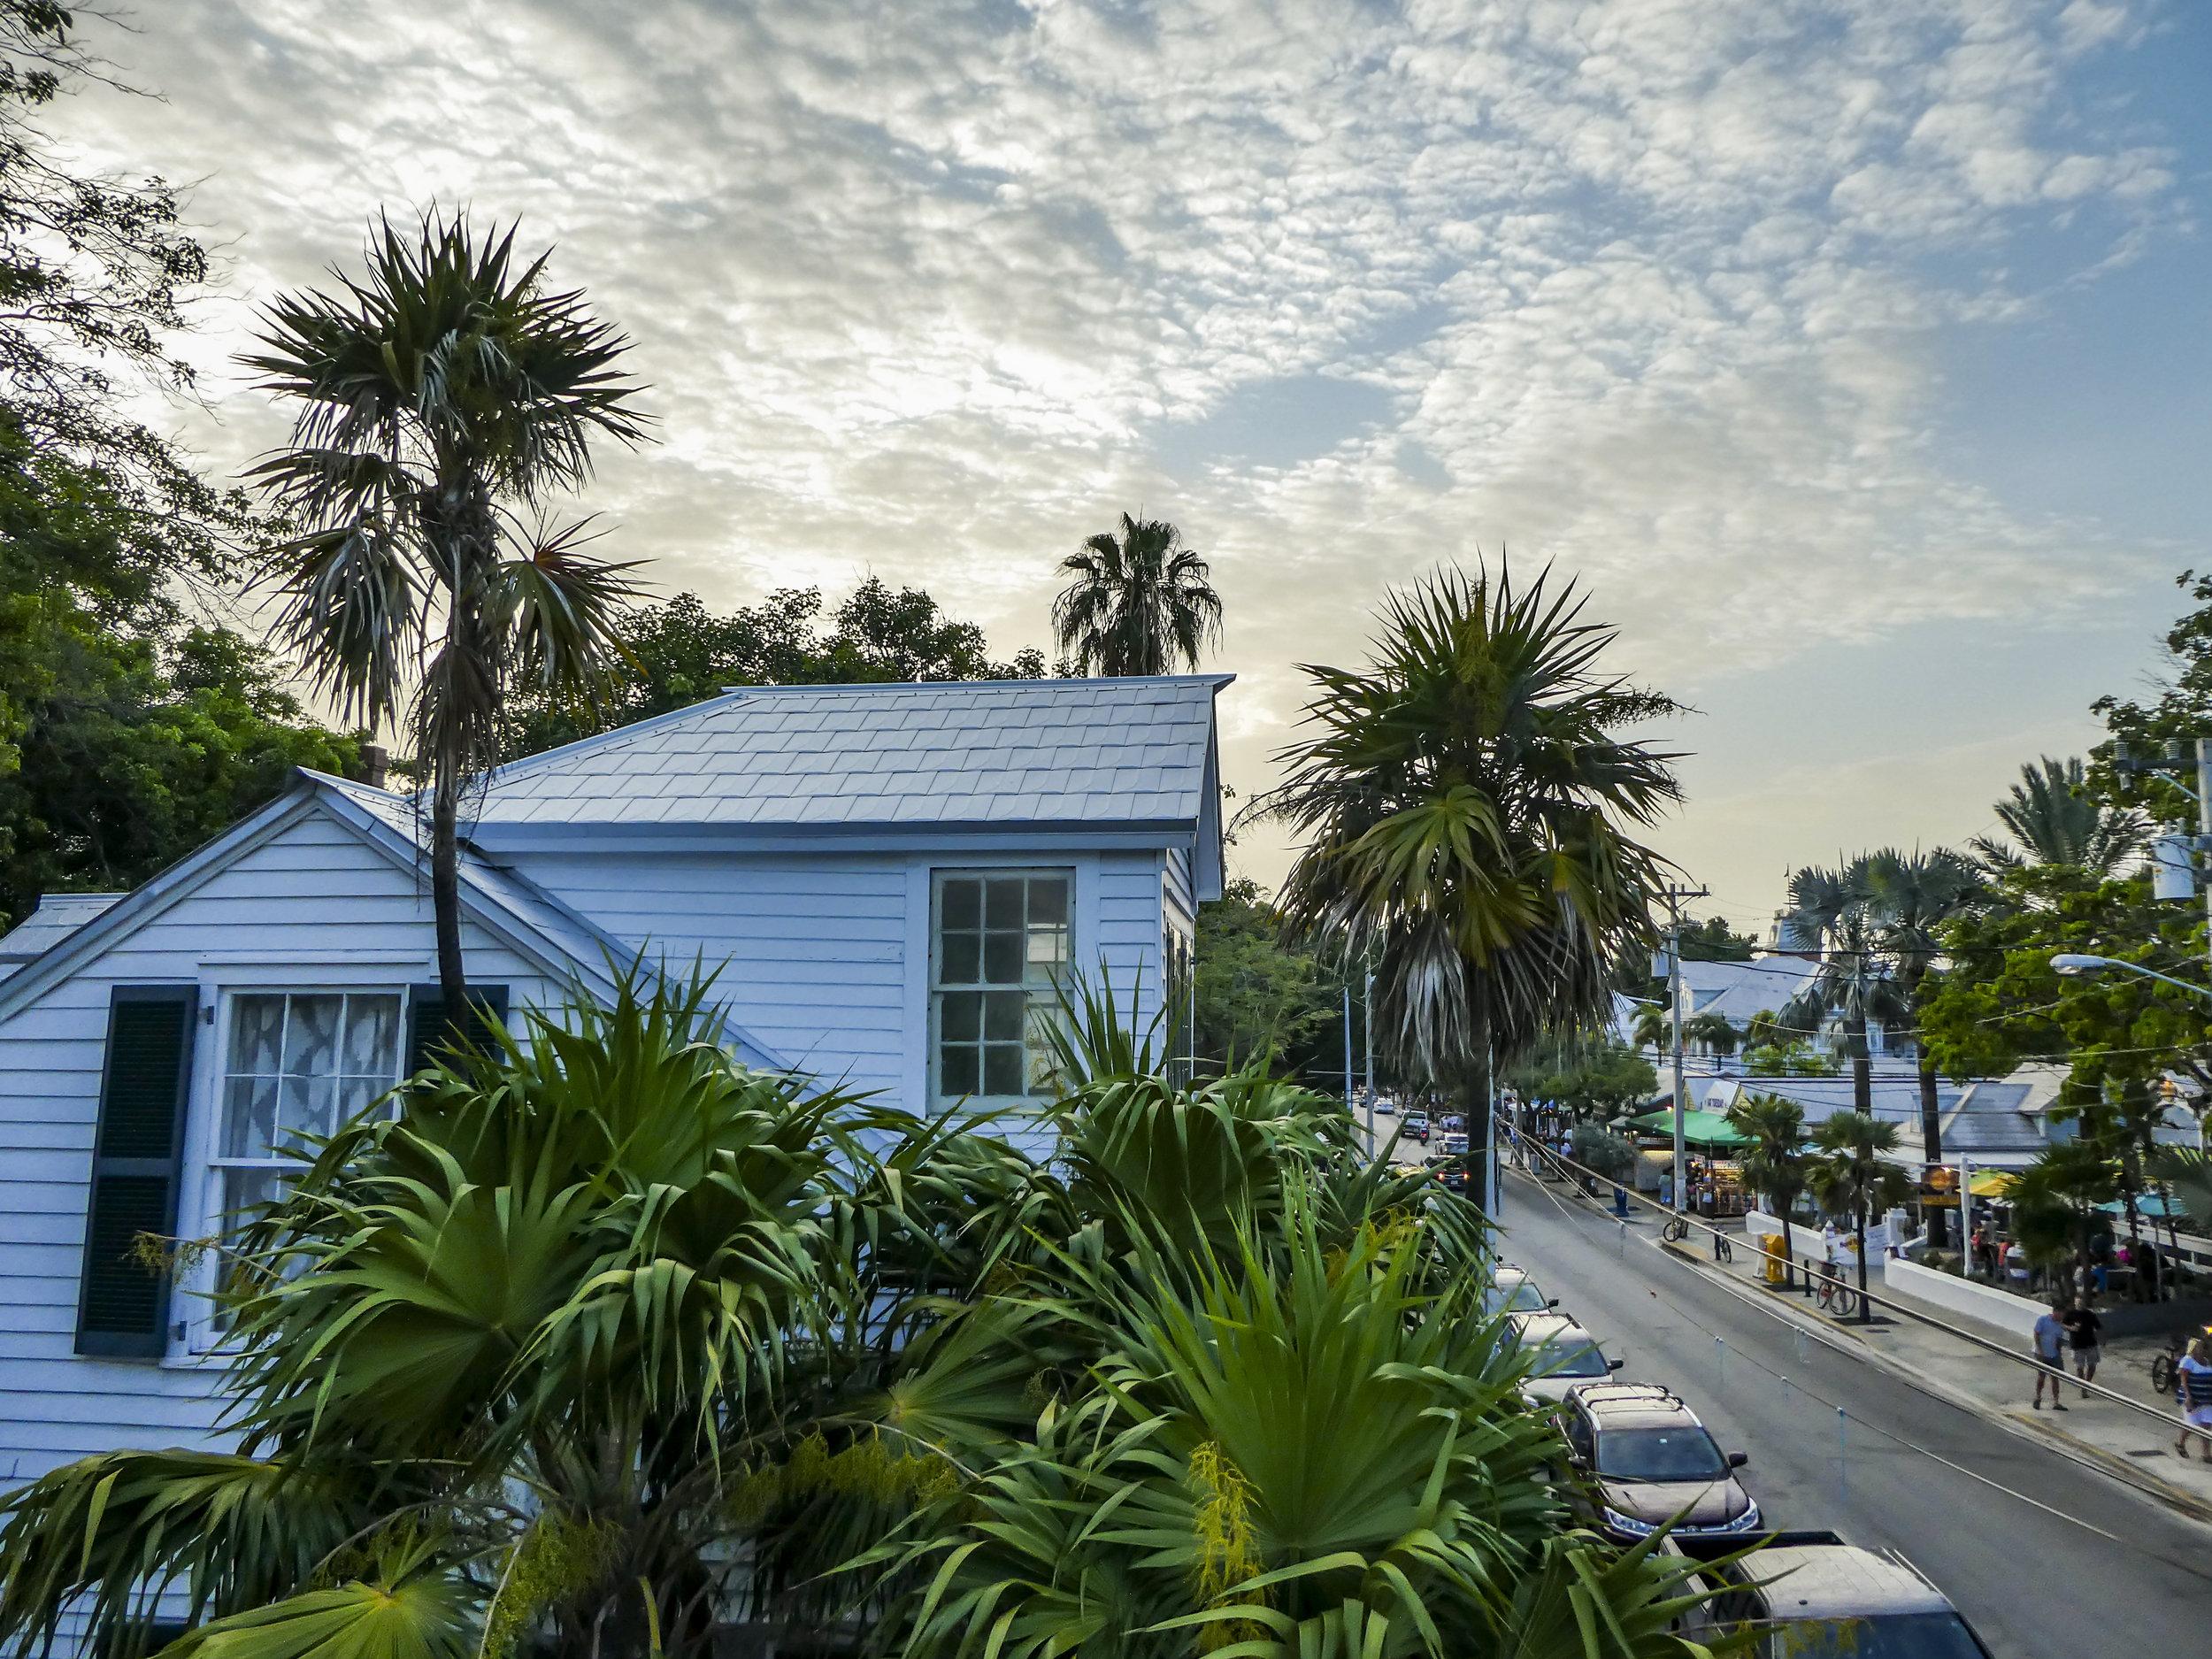 Key West, FL, by Colette Eddy